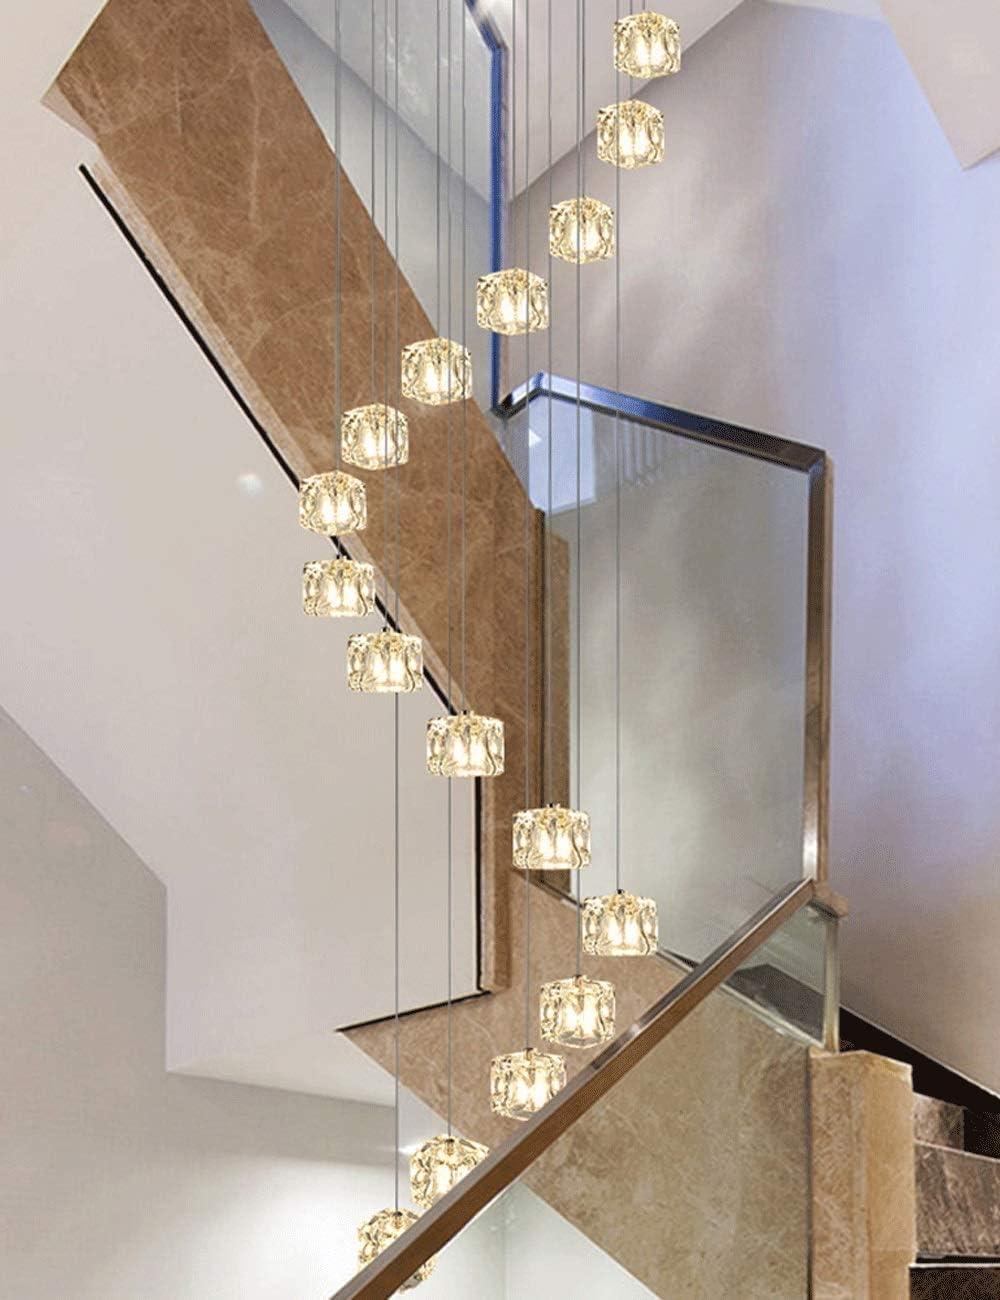 YUNZHI Escalera de Caracol lámpara de Techo de Cristal, 19.7 X 78.7 en (Color: Rojo), Color: White Light (Color : Warm Light): Amazon.es: Hogar